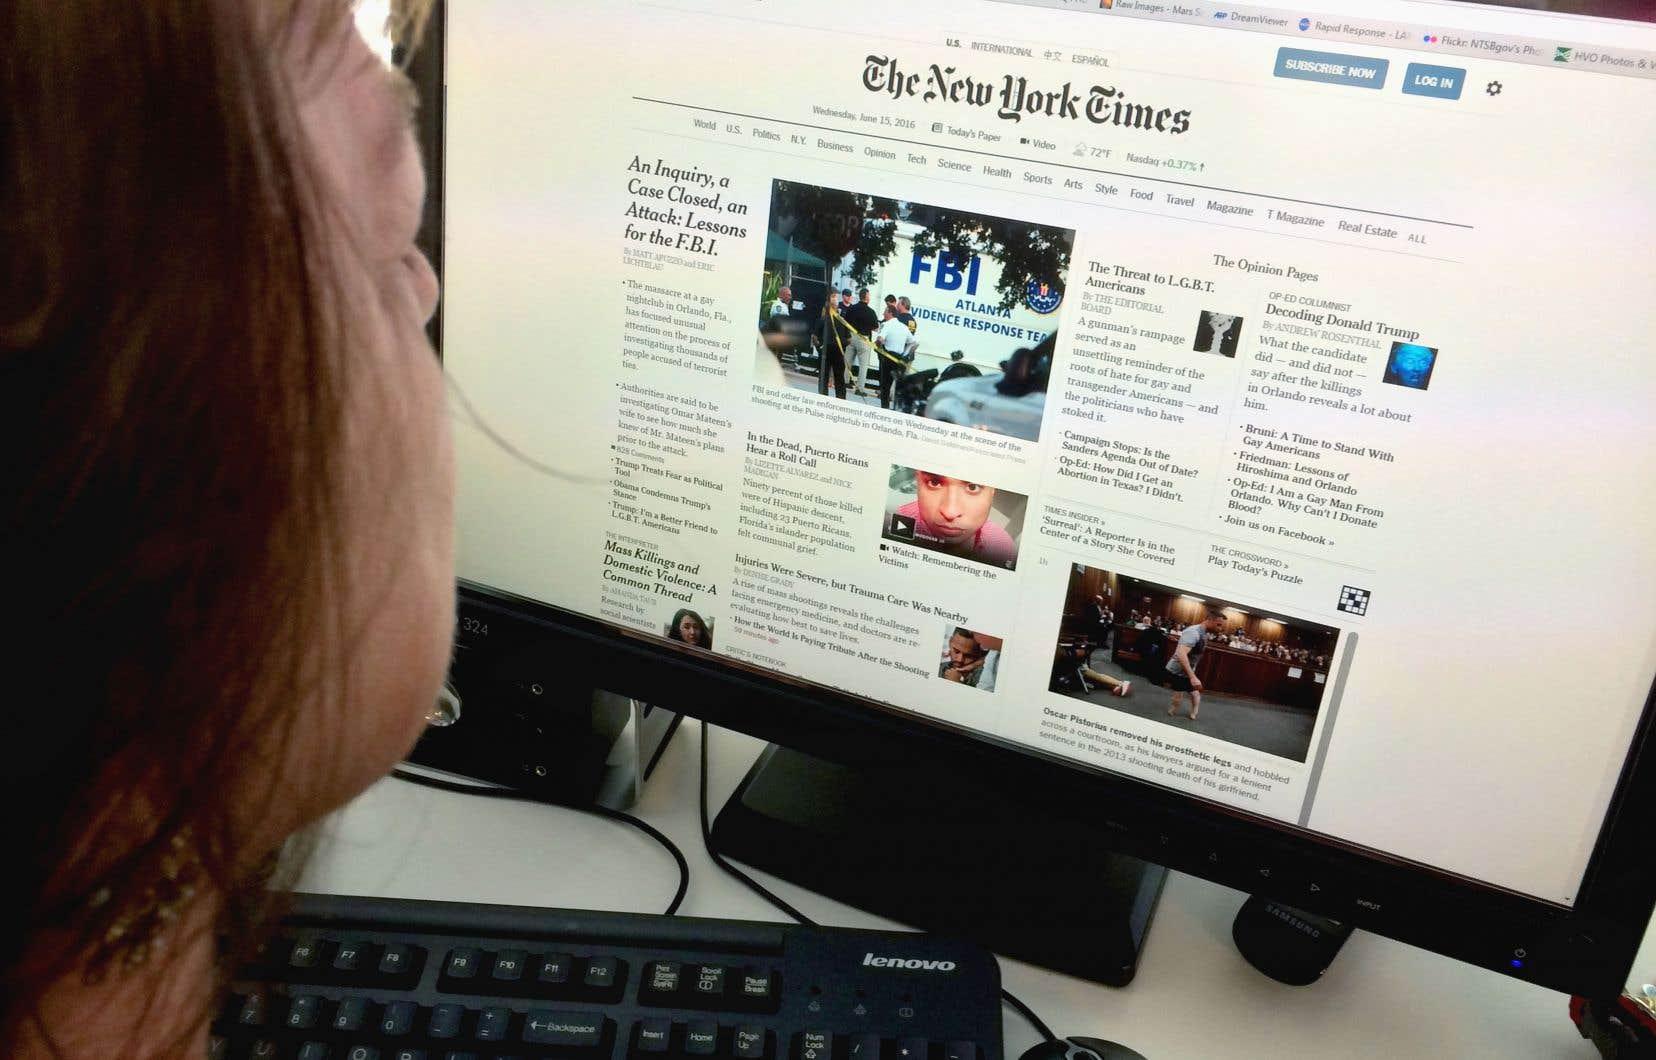 En trois ans seulement, le «New York Times» a triplé le nombre de ses abonnés aux seuls contenus en ligne.